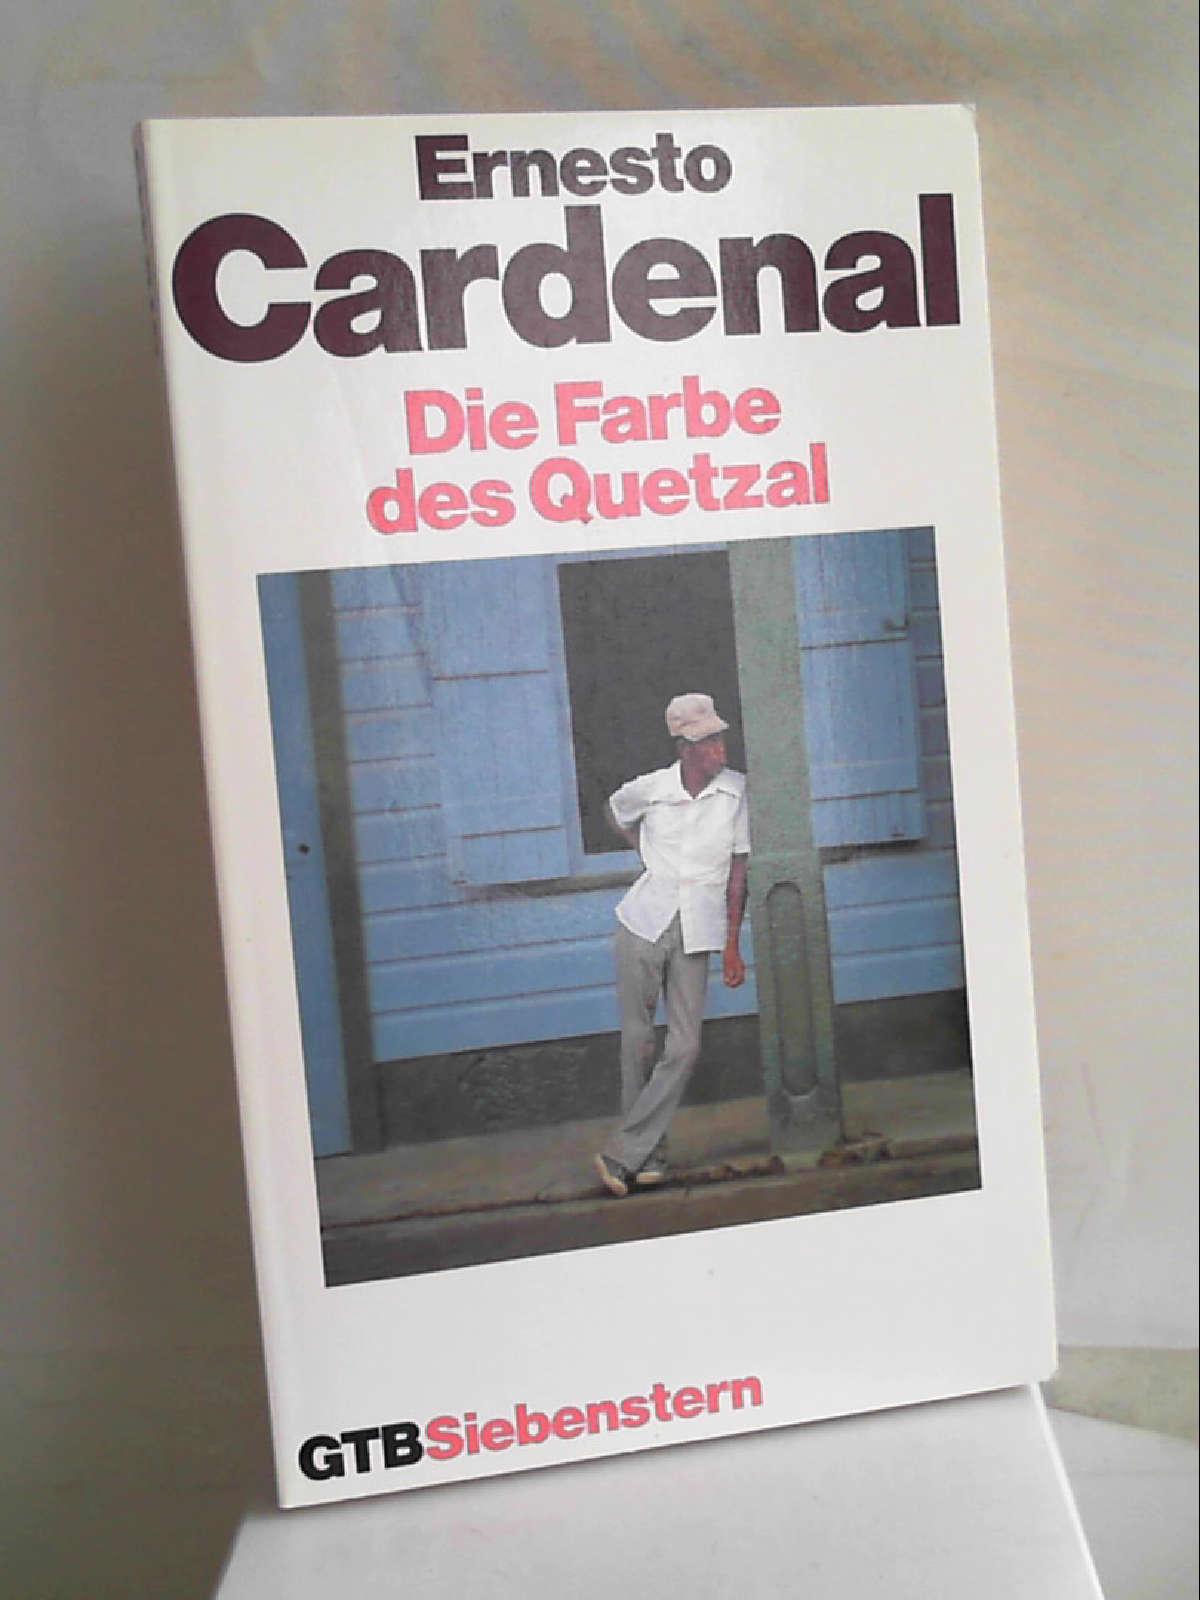 Das poetische Werk III. Die Farbe des Quetzal. (Für die Indianer Amerikas, 1). - Ernesto Cardenal